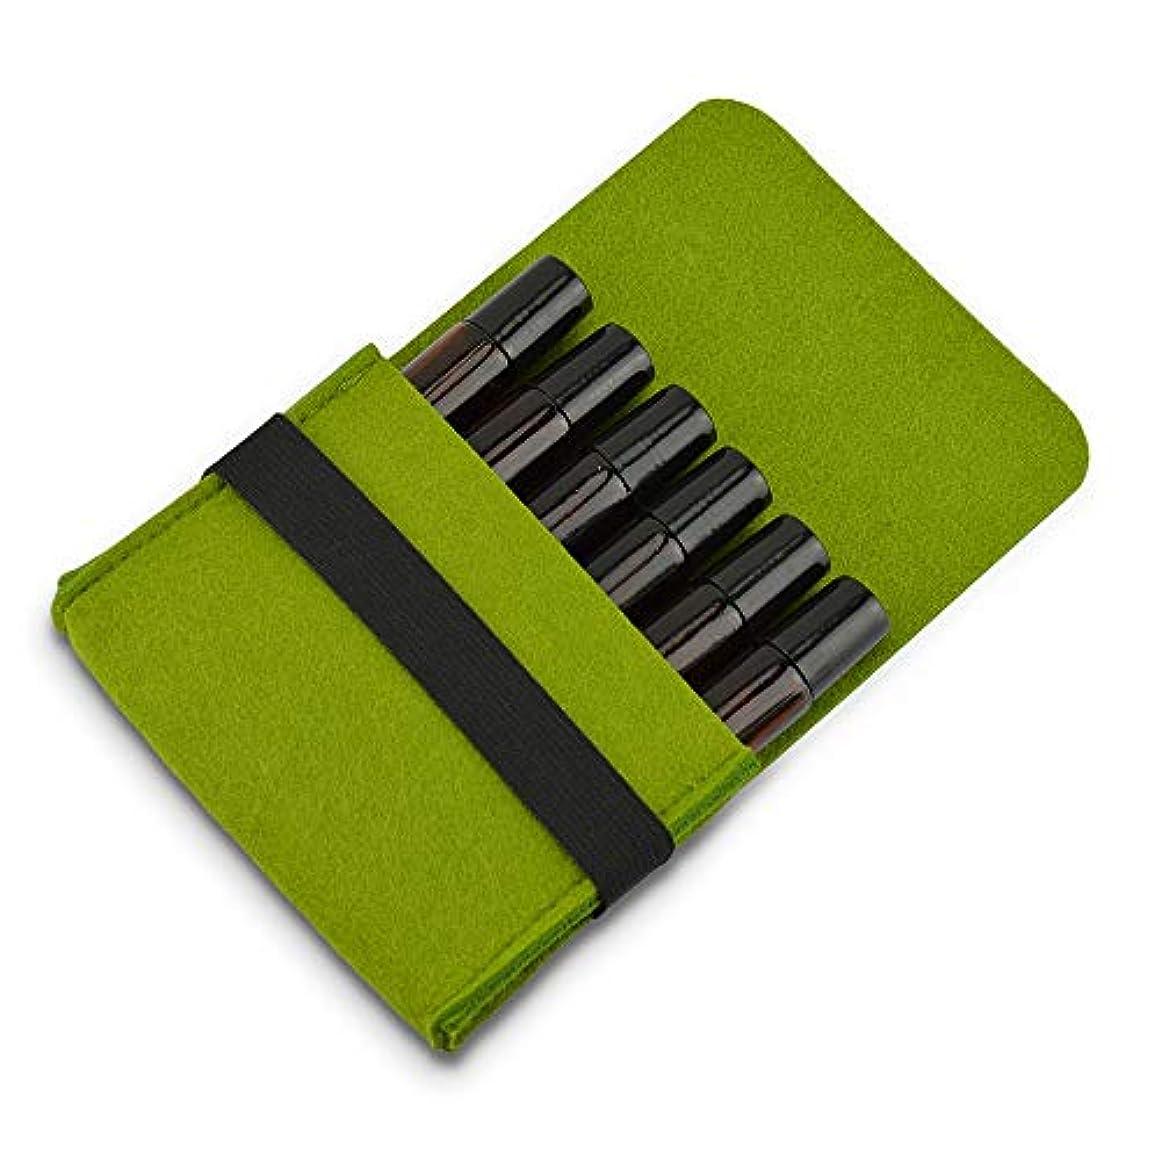 構造スタンド拮抗するエッセンシャルオイルストレージボックス トラベルオーガナイザーストレージポーチ収納袋3色のフェルト6つのボトル10MLエッセンシャルオイル用キャリングケースエッセンシャルオイル 旅行およびプレゼンテーション用 (色 : 緑, サイズ : 13X10X3CM)